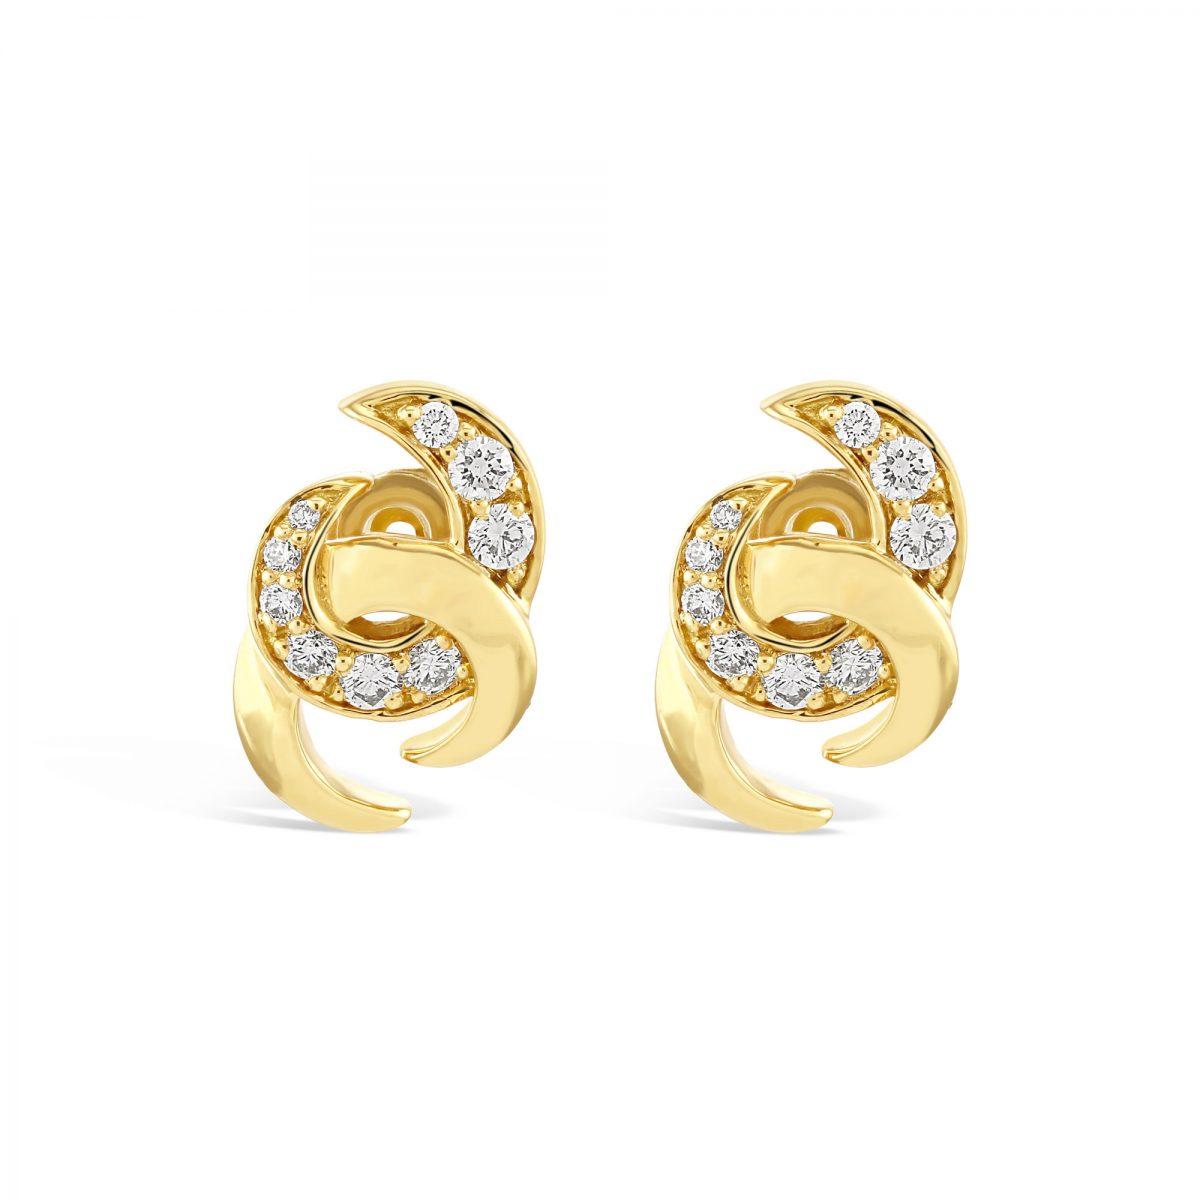 Hooked On You Yellow Gold Diamond Earrings